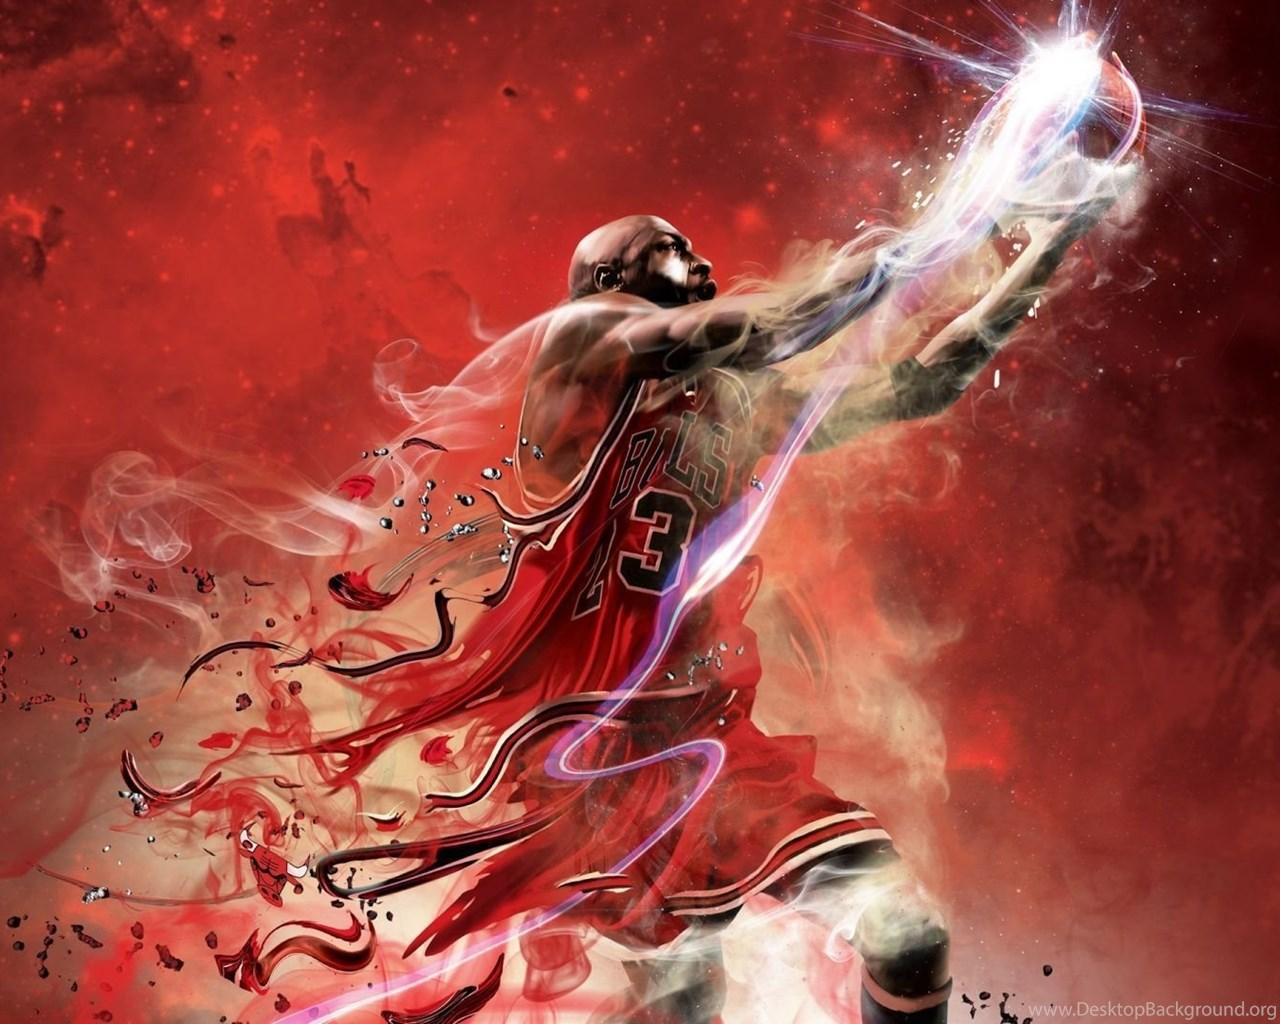 Michael Jordan Quote Hd Wallpapers Free Download: Michael Jordan Wallpapers HD Download Desktop Background